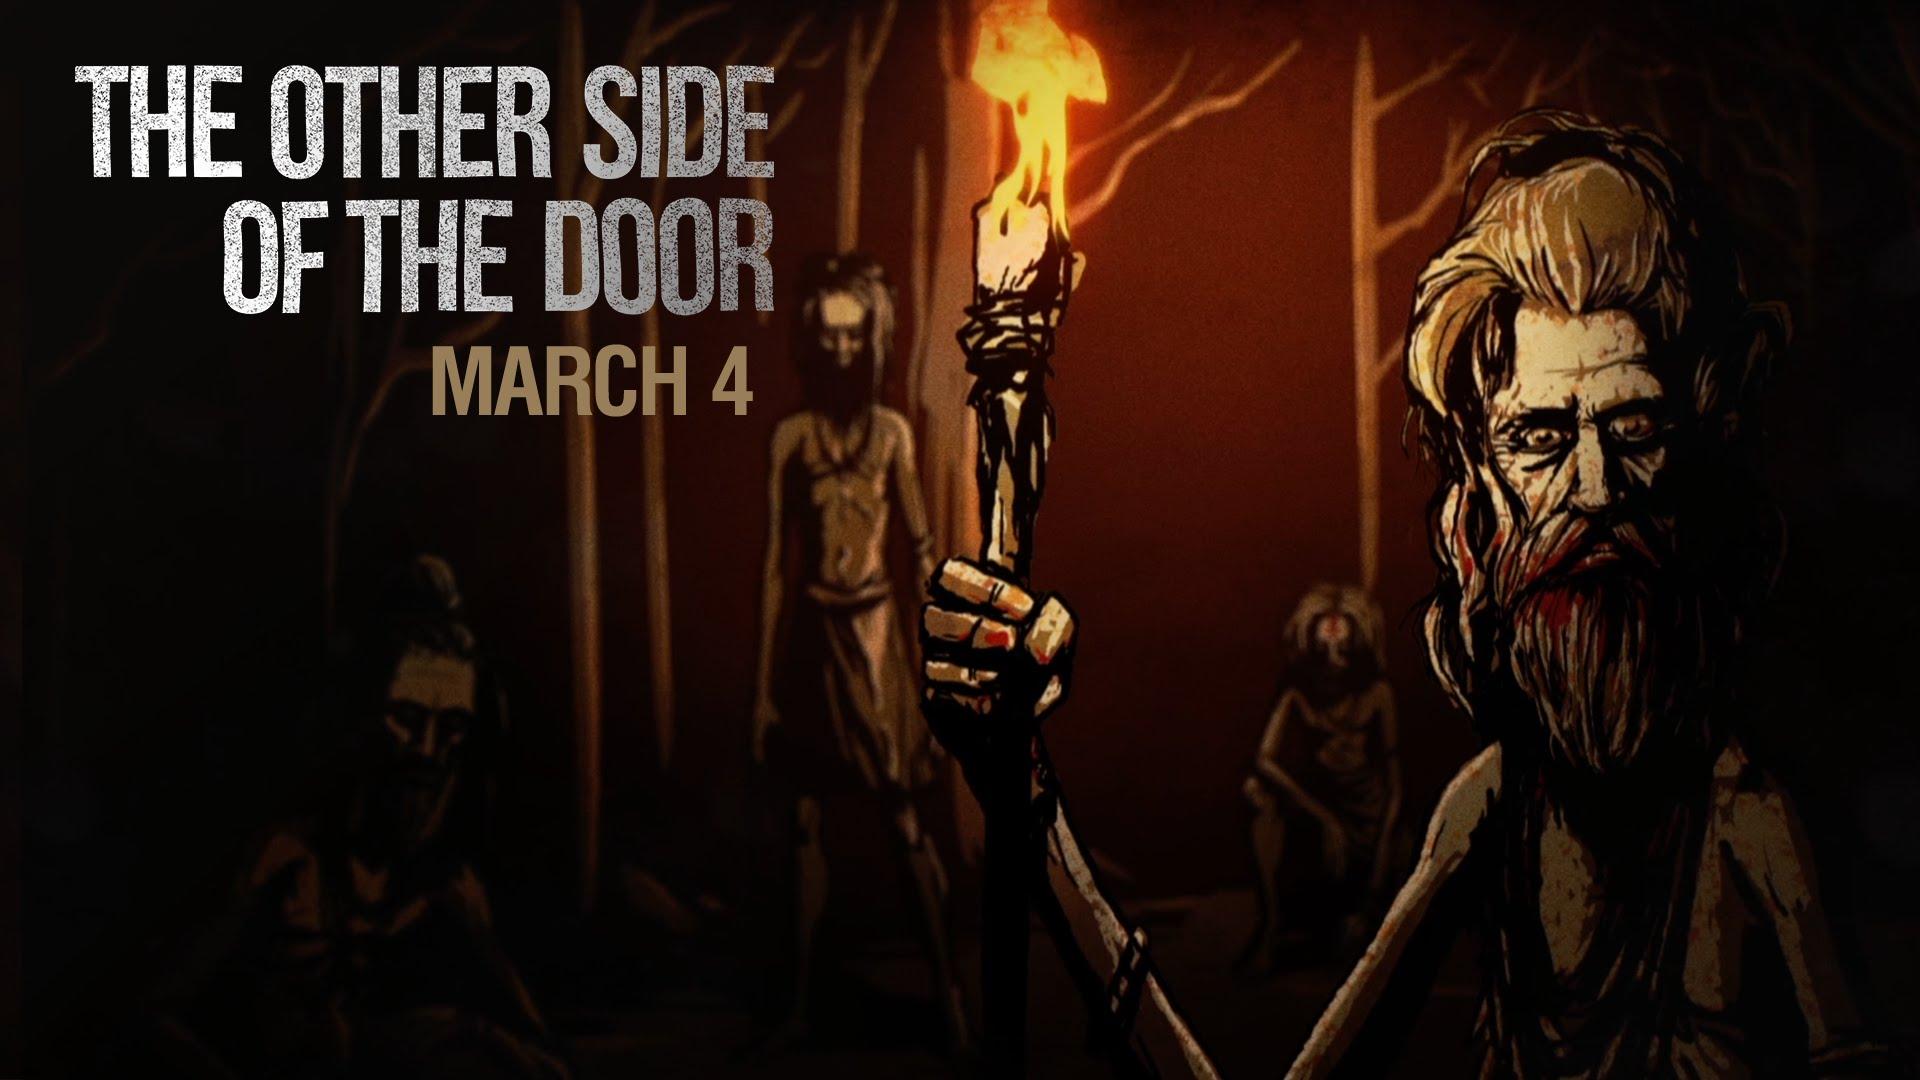 The Other Side of the Door | Legend of the Door | 20th Century FOX